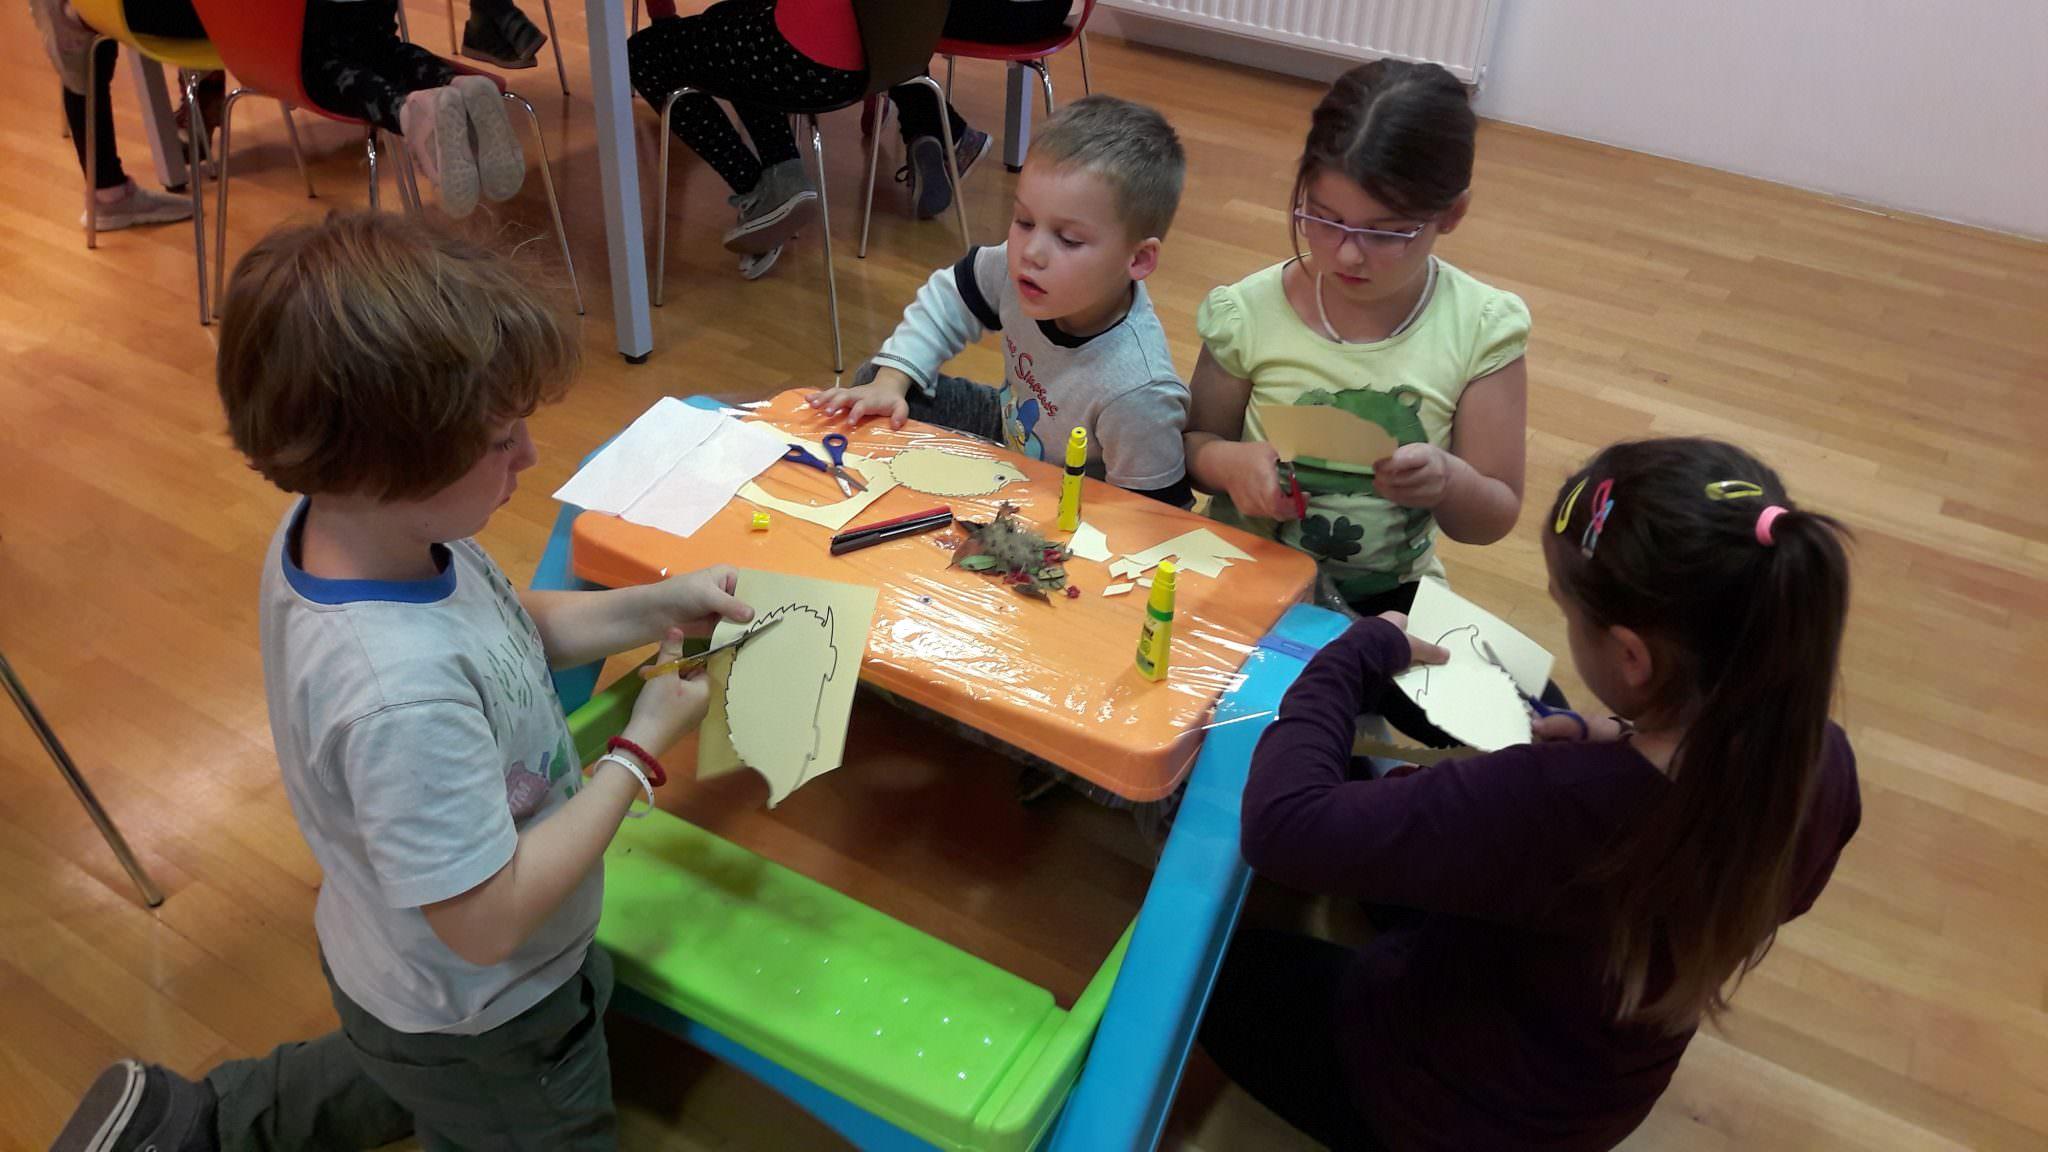 20171017 174500 - Pravljična urica z ustvarjalno delavnico za otroke od 4. leta dalje – Rakek